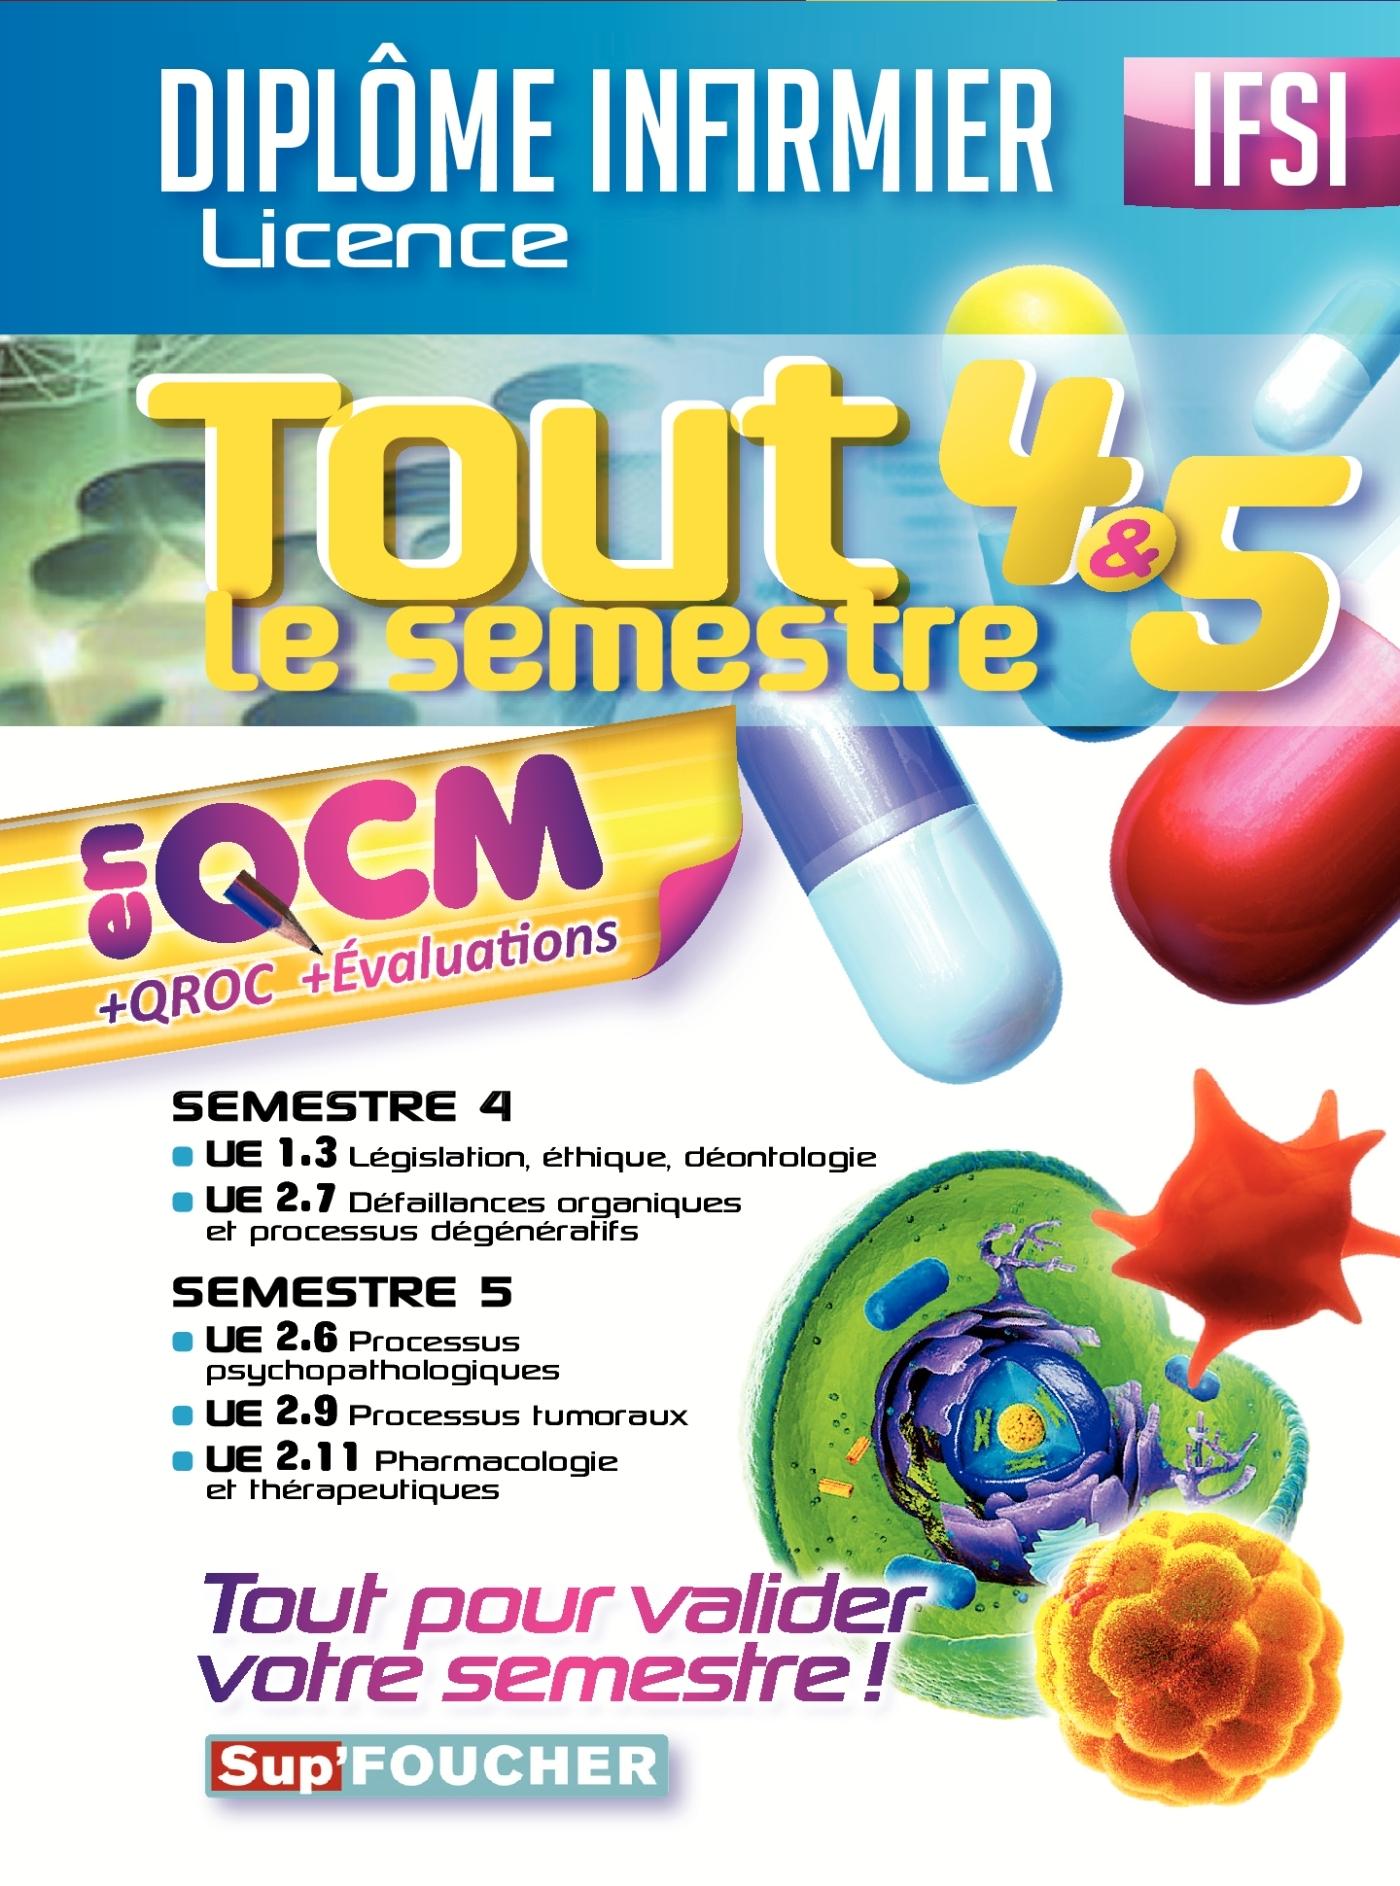 IFSI - TOUT LE SEMESTRE 4 & 5 EN QCM ET QROC - DIPLOME INFIRMIER